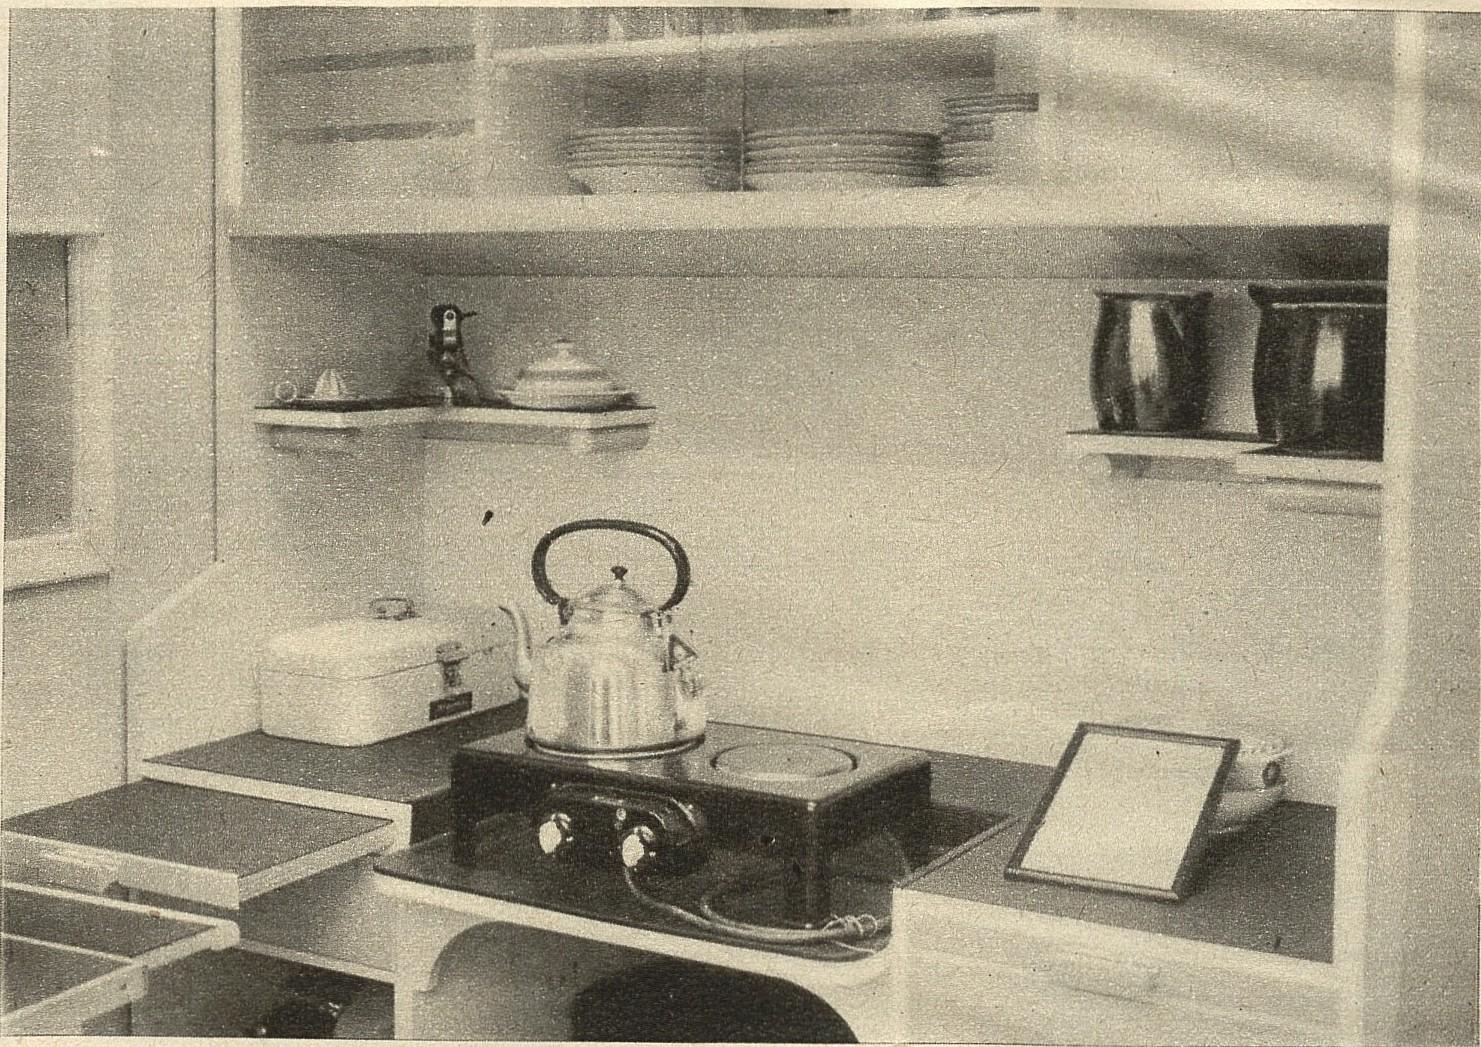 Aneks kuchenny w pokoju z lat 30. Dzięki zastosowaniu niewielkiej kuchenki elektrycznej i sprytnych rozwiązań w rodzaju wysuwanych blacików, udało się zaprojektować mikroskopijną kuchnię, która jest przy tym funkcjonalna (fot. materiały prasowe)